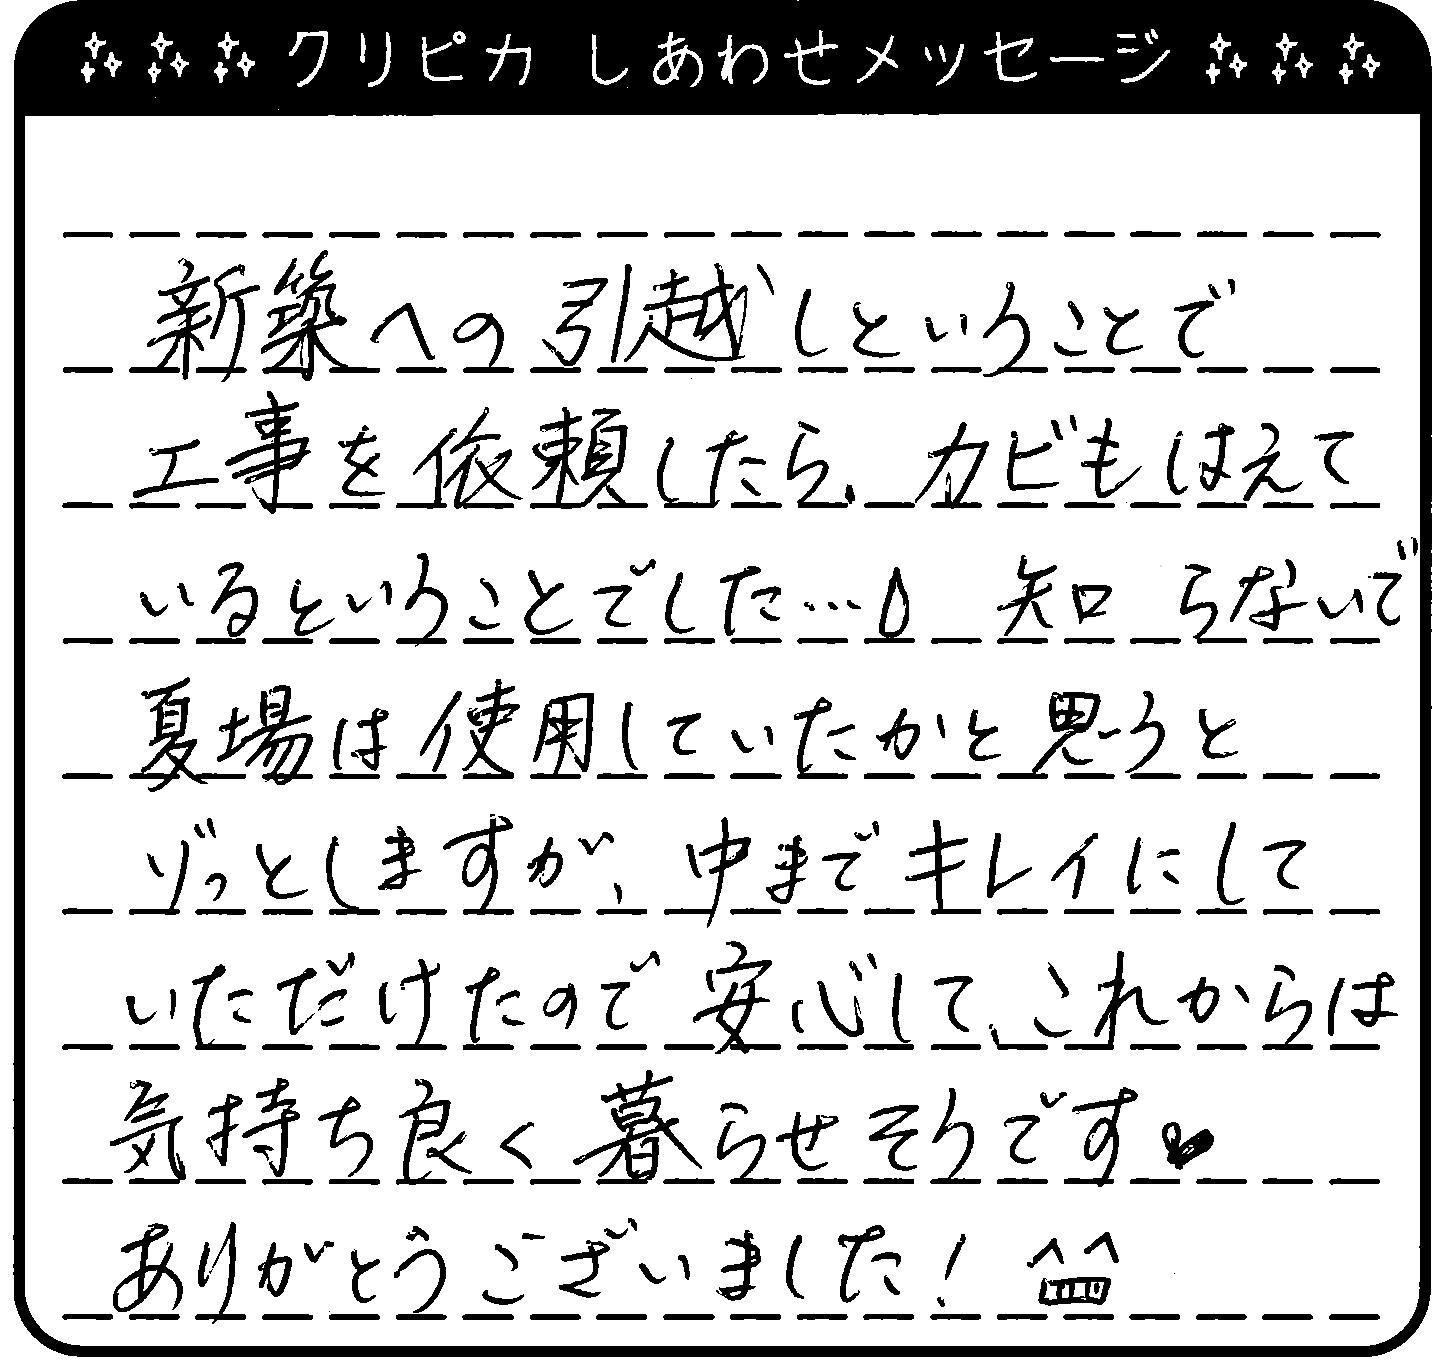 熊本県 Y様からのしあわせメッセージ